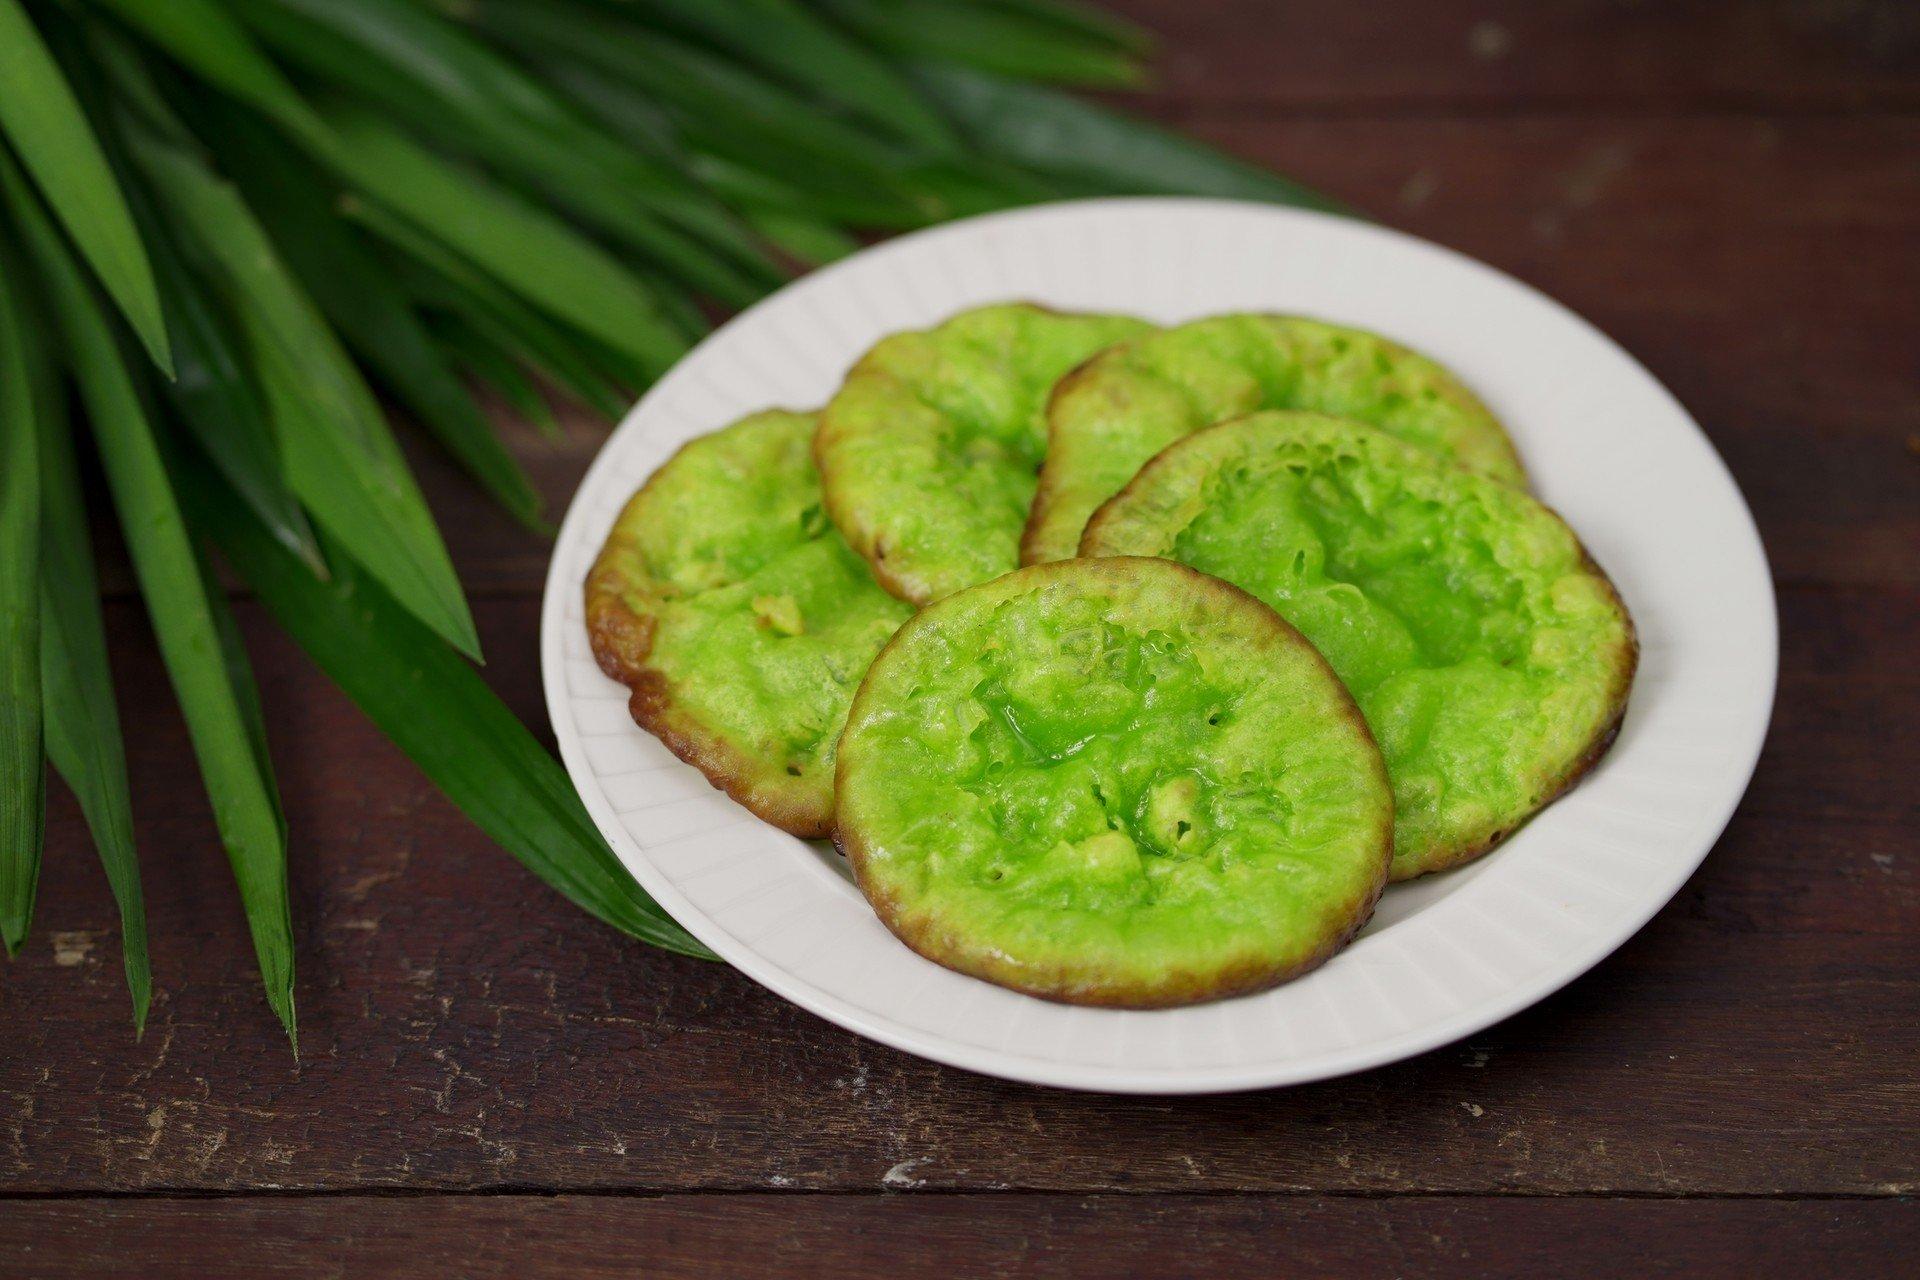 """กินแล้วเหมือนย้อนวัยเด็ก """"ขนมฝักบัว"""" หรือขนมดอกบัว เมนูขนมไทยโบราณ ทำกินเองได้ที่บ้าน ถ้าพร้อมแล้วมาดูวิธีทำกันเลยจ้า"""